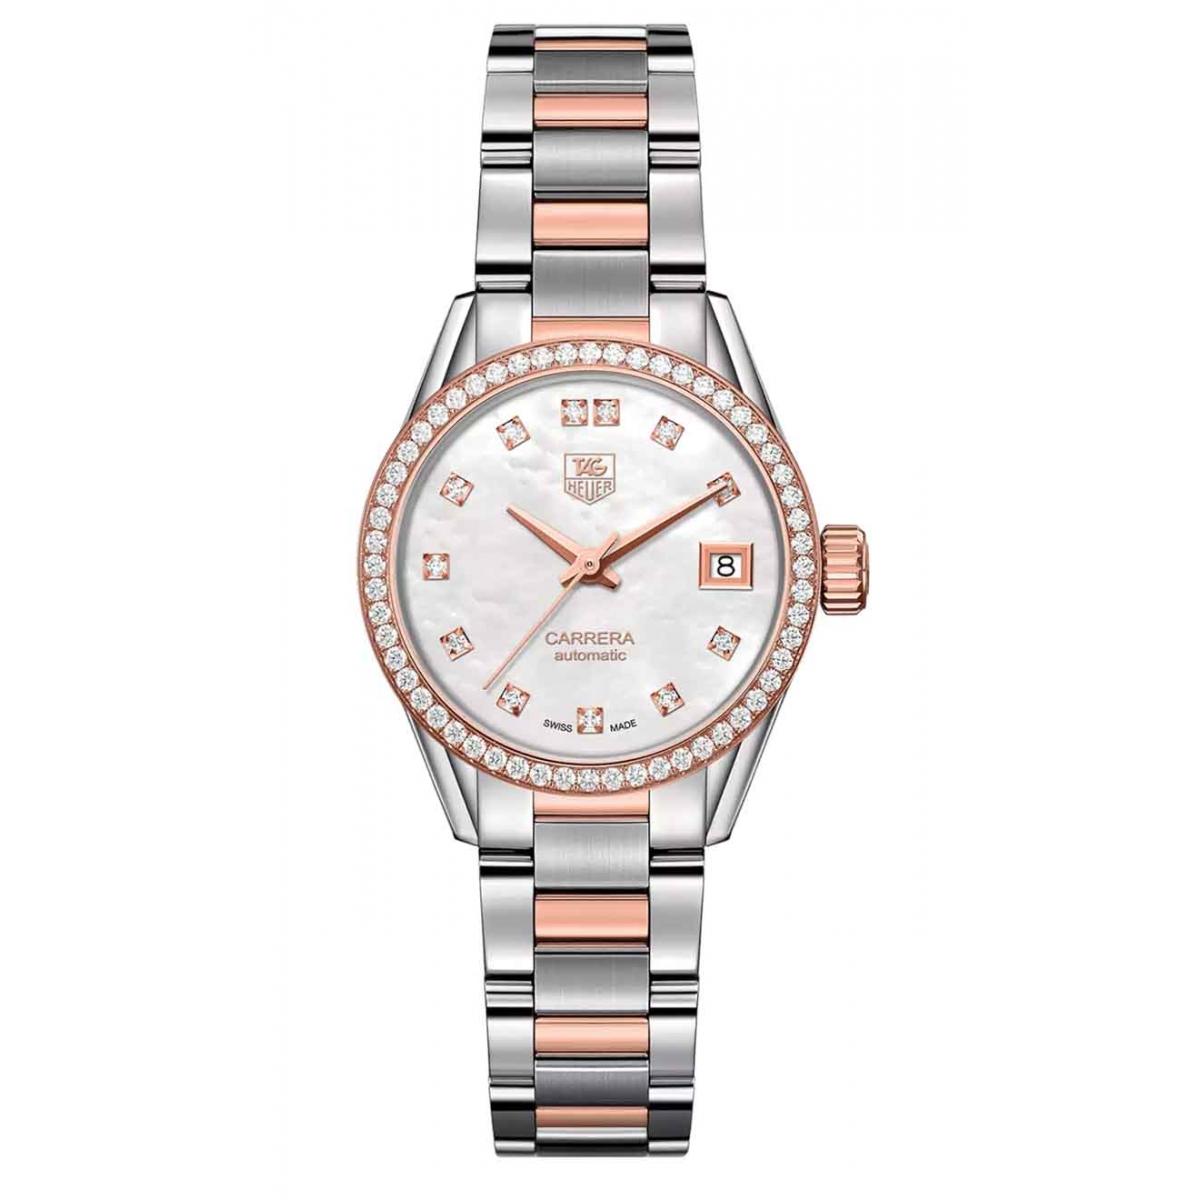 CARRERA Lady Calibre 9 Reloj automático 100 M - ∅28 mm Acero, diamantes y oro rosa